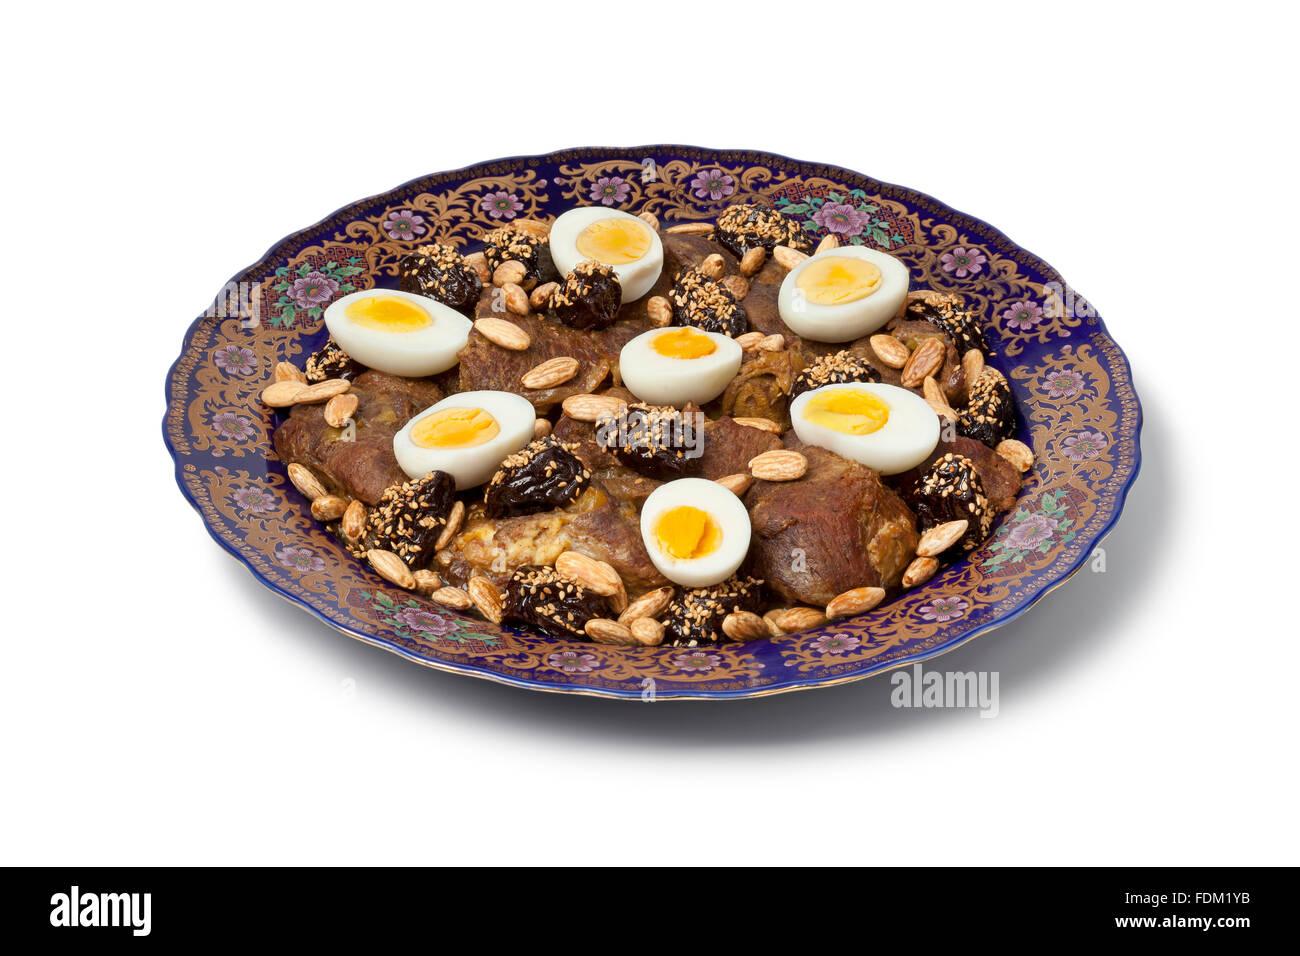 Festa marocchina piatto a base di carne, le prugne, le mandorle e le uova su sfondo bianco Immagini Stock